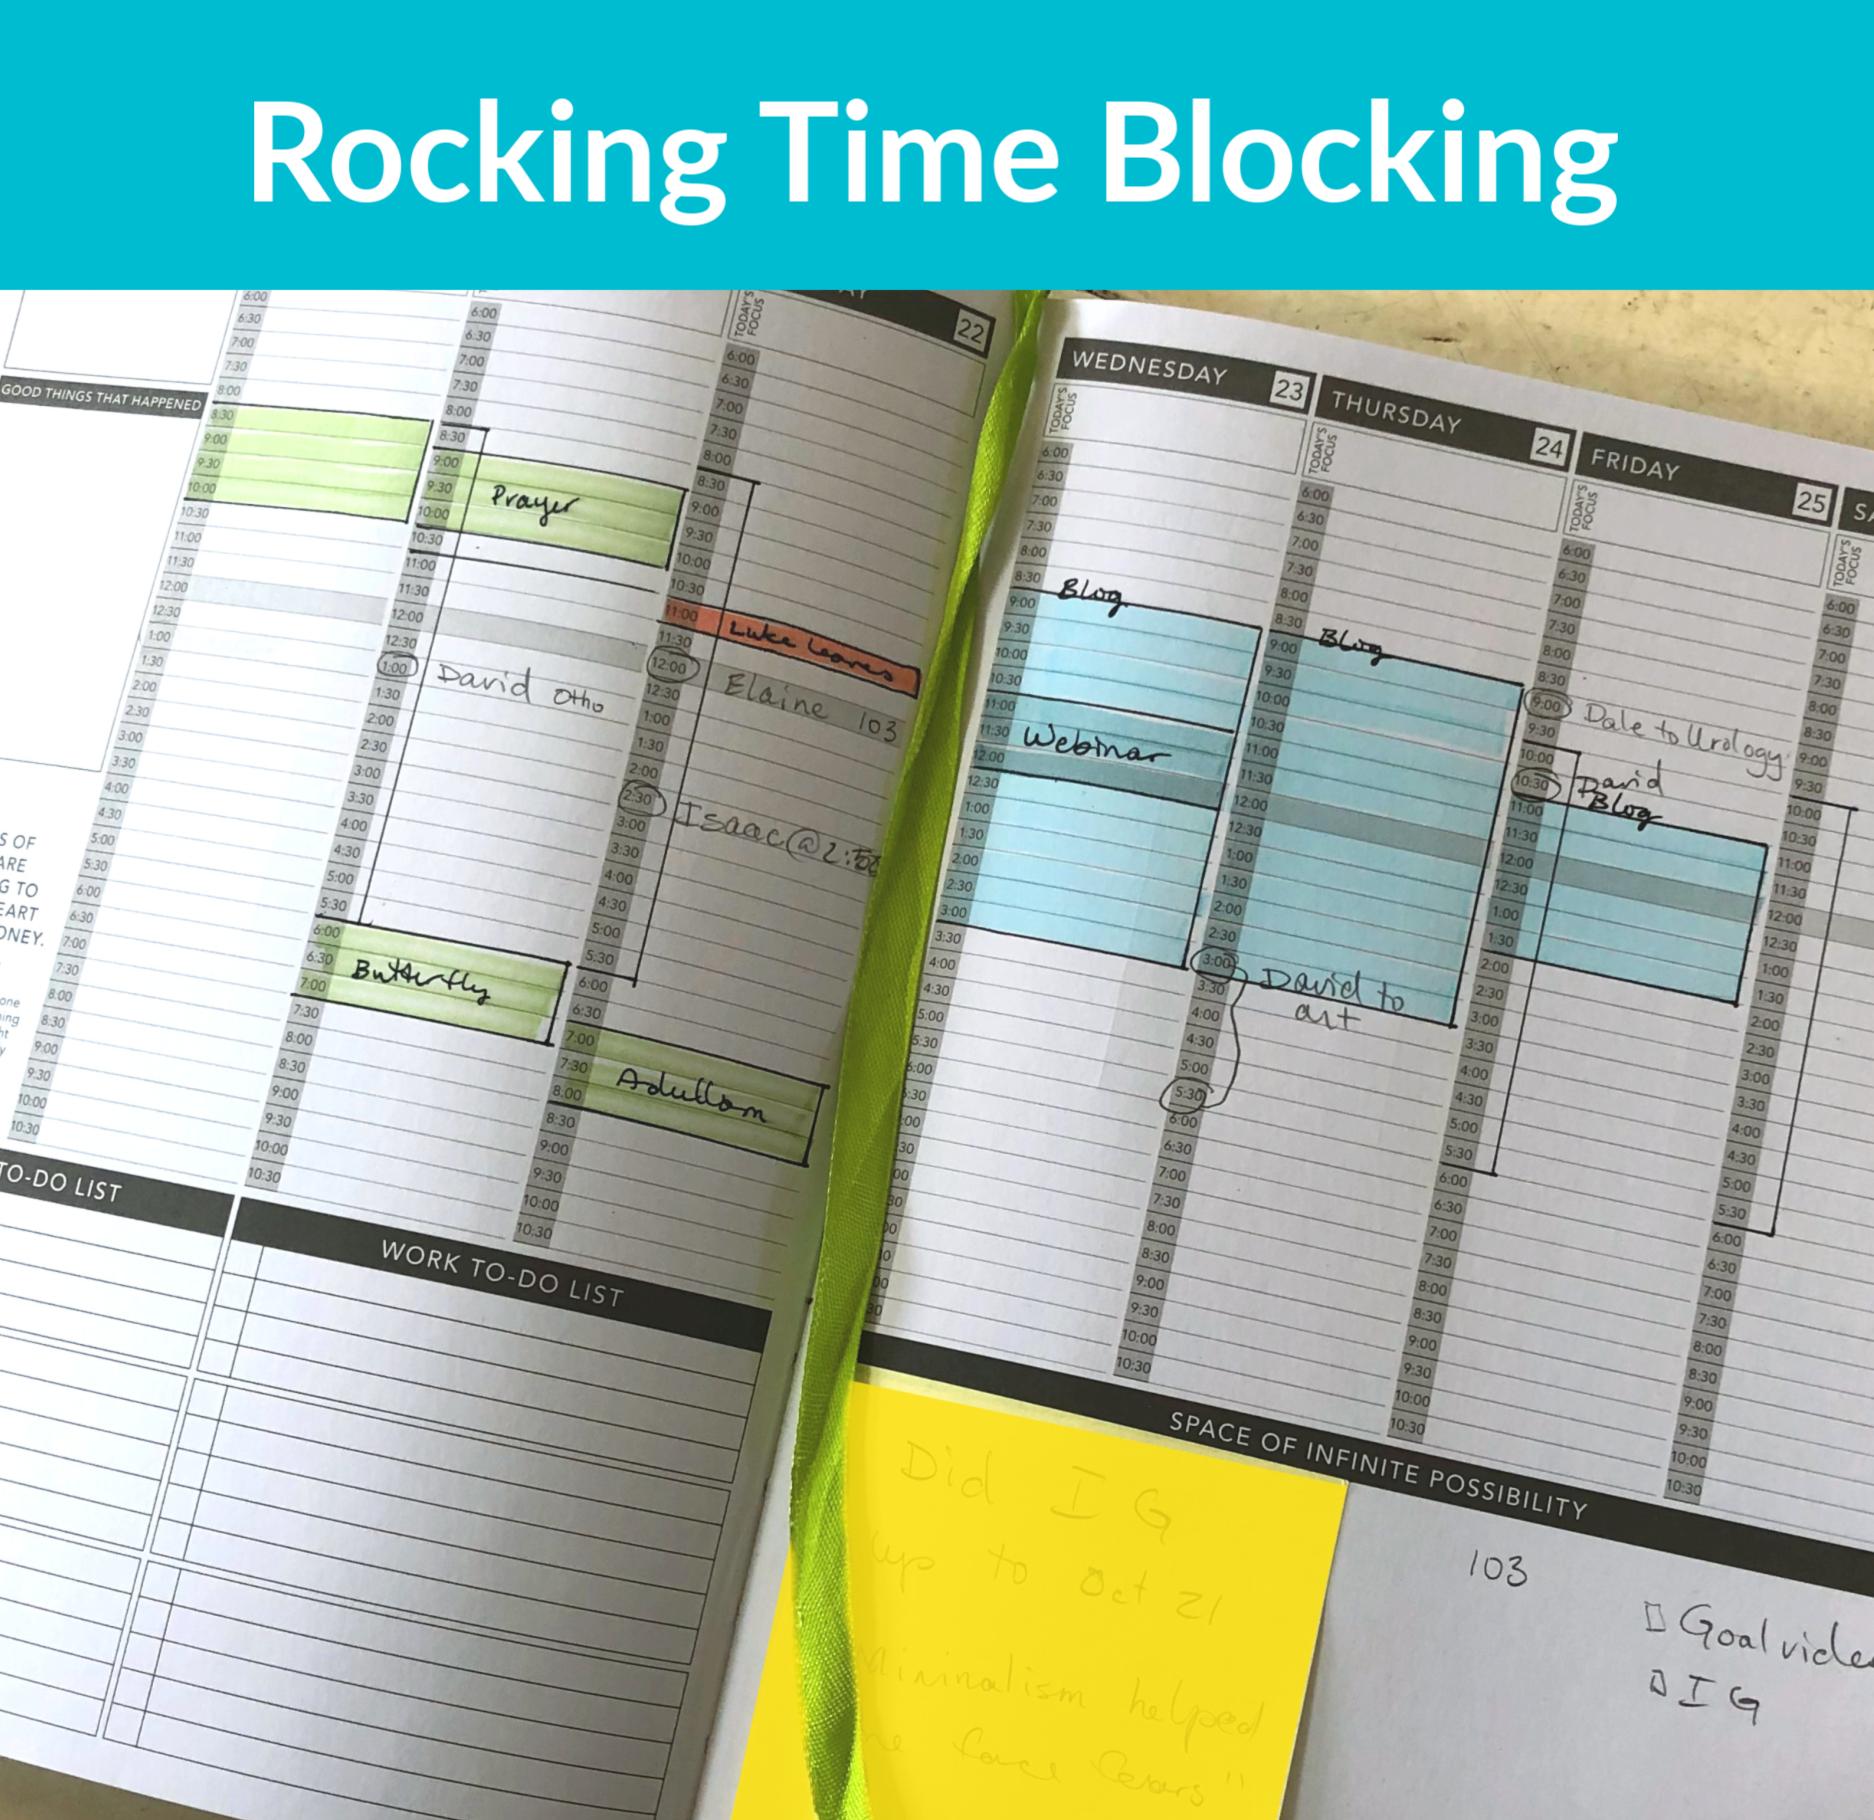 rocking time blocking